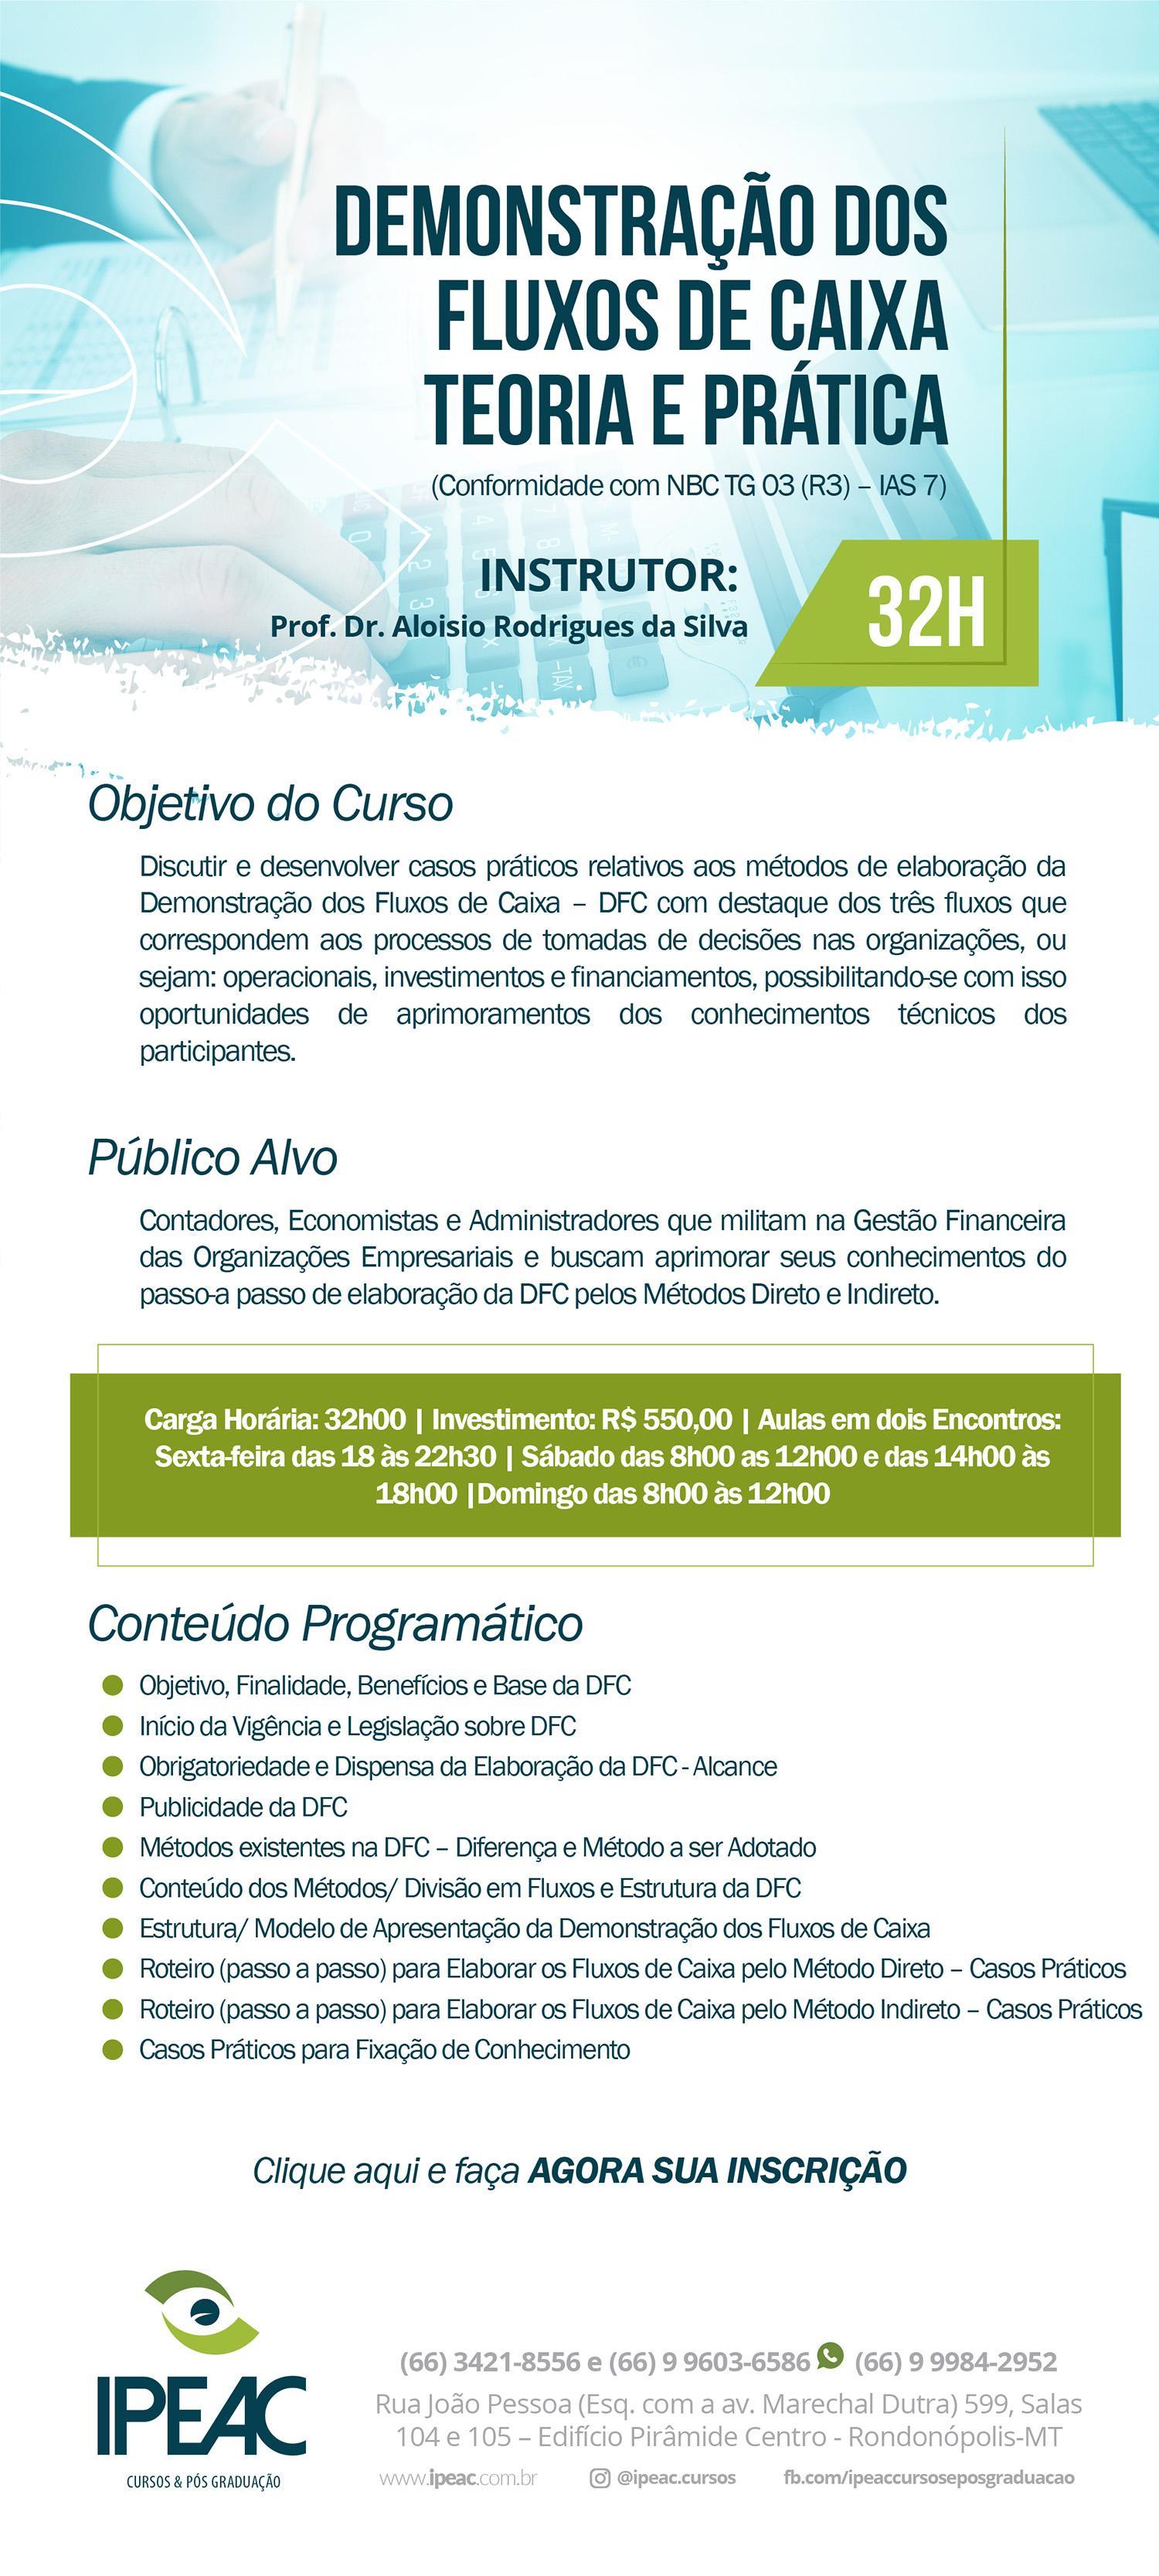 DEMONSTRAÇÃO DE FLUXO DE CAIXA - TEORIA E PRÁTICA